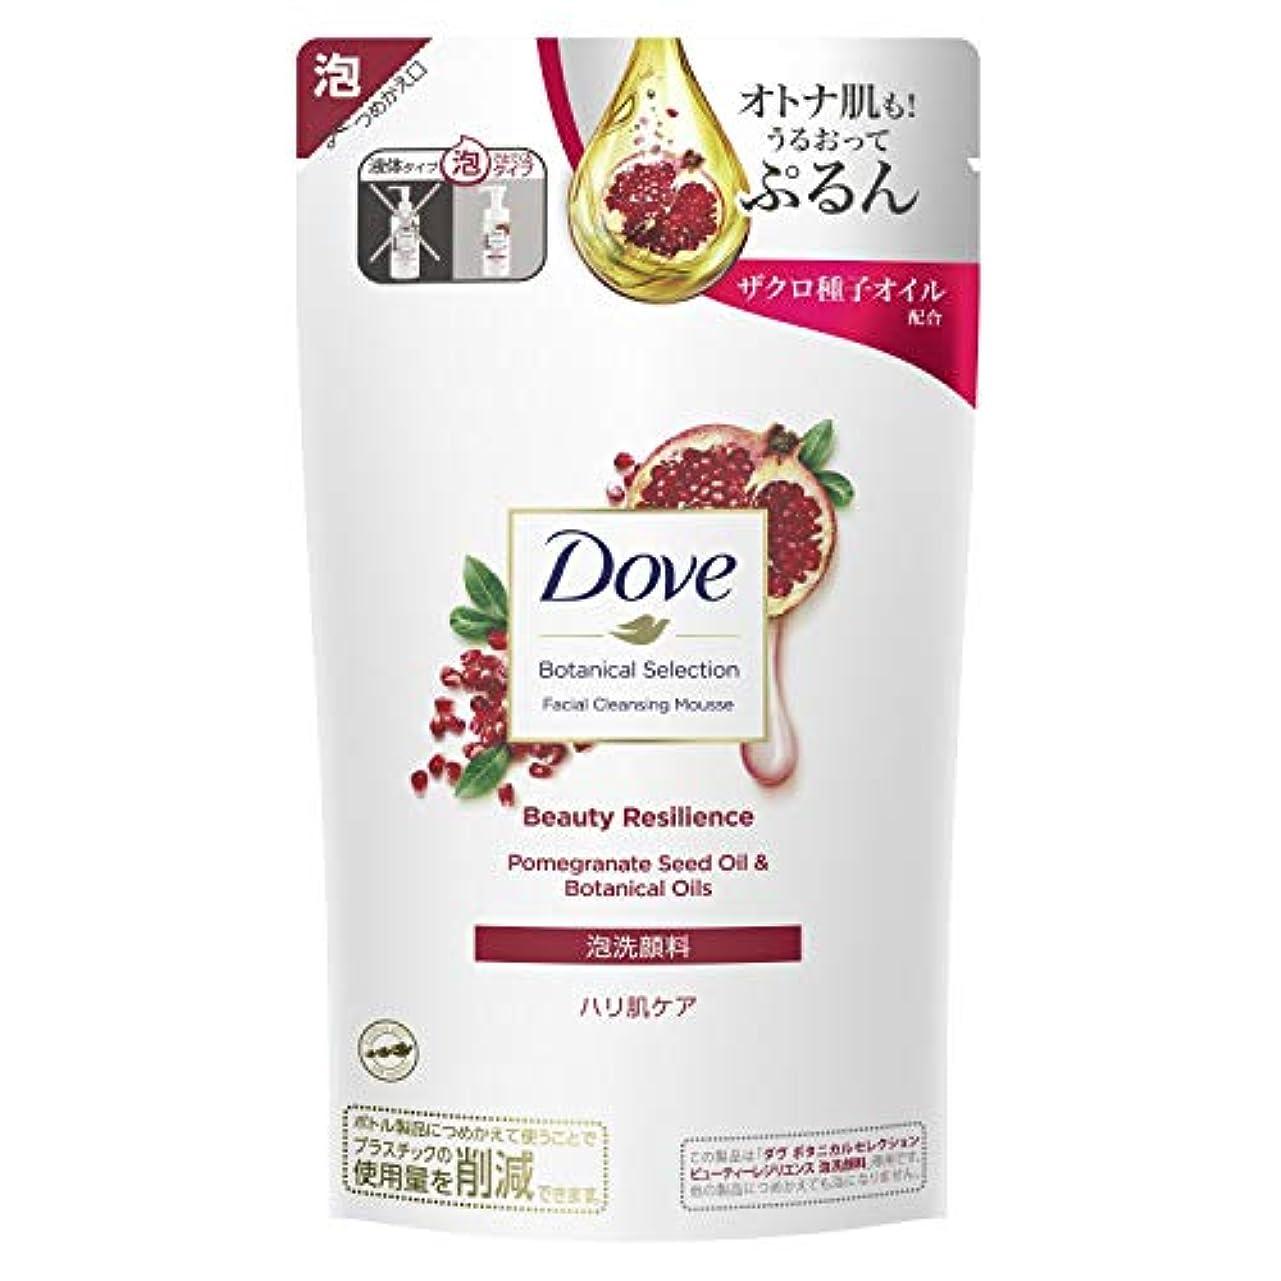 宣伝市区町村作詞家Dove(ダヴ) ダヴ ボタニカルセレクション ビューティーレジリエンス 泡洗顔料 つめかえ用 135mL